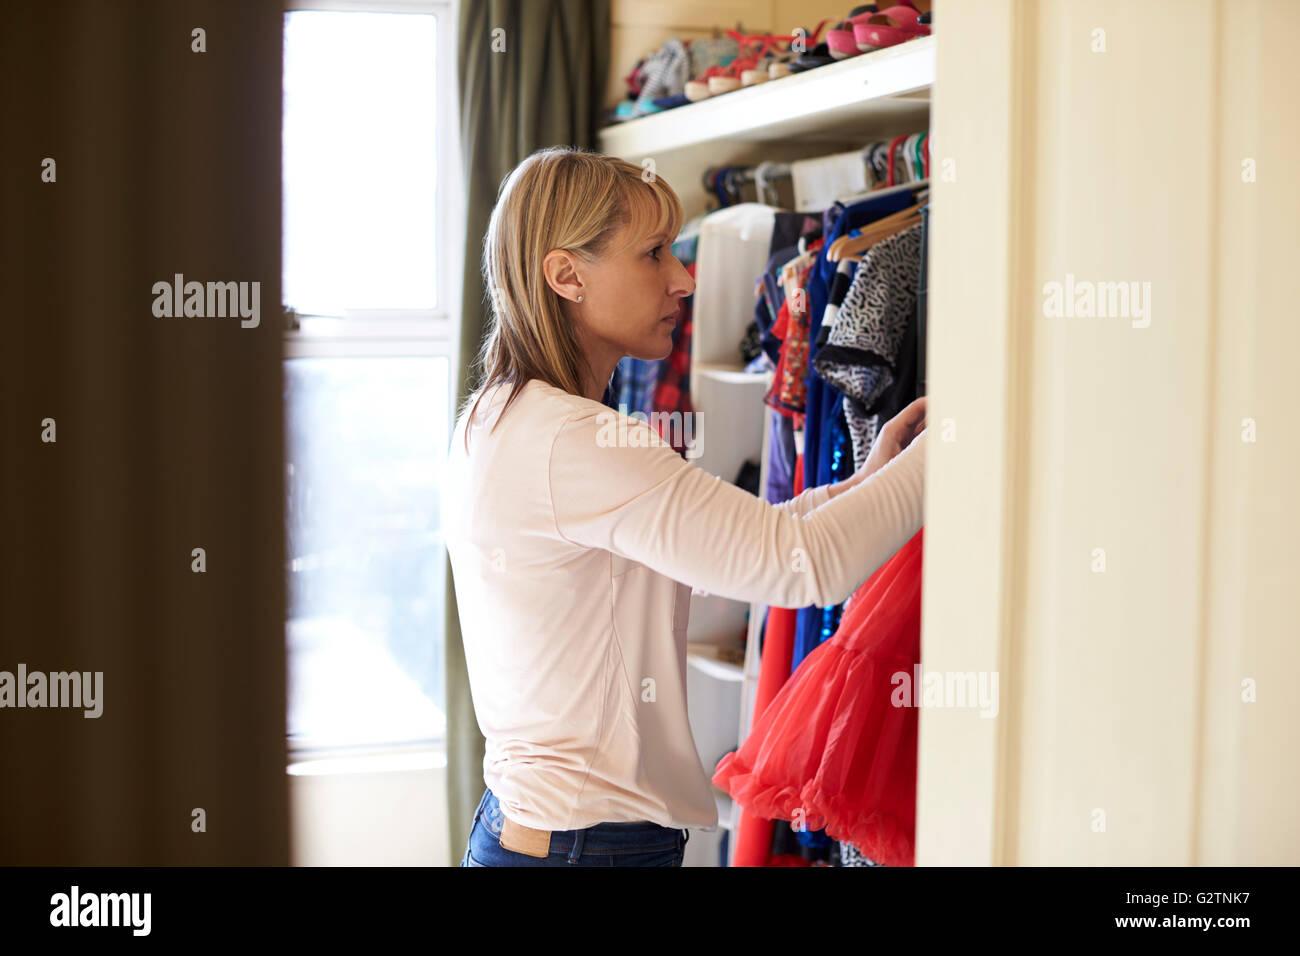 Ordinary Schlafzimmer Blick Frau #2: Frau Im Schlafzimmer Blick Auf Kleidung Im Schrank